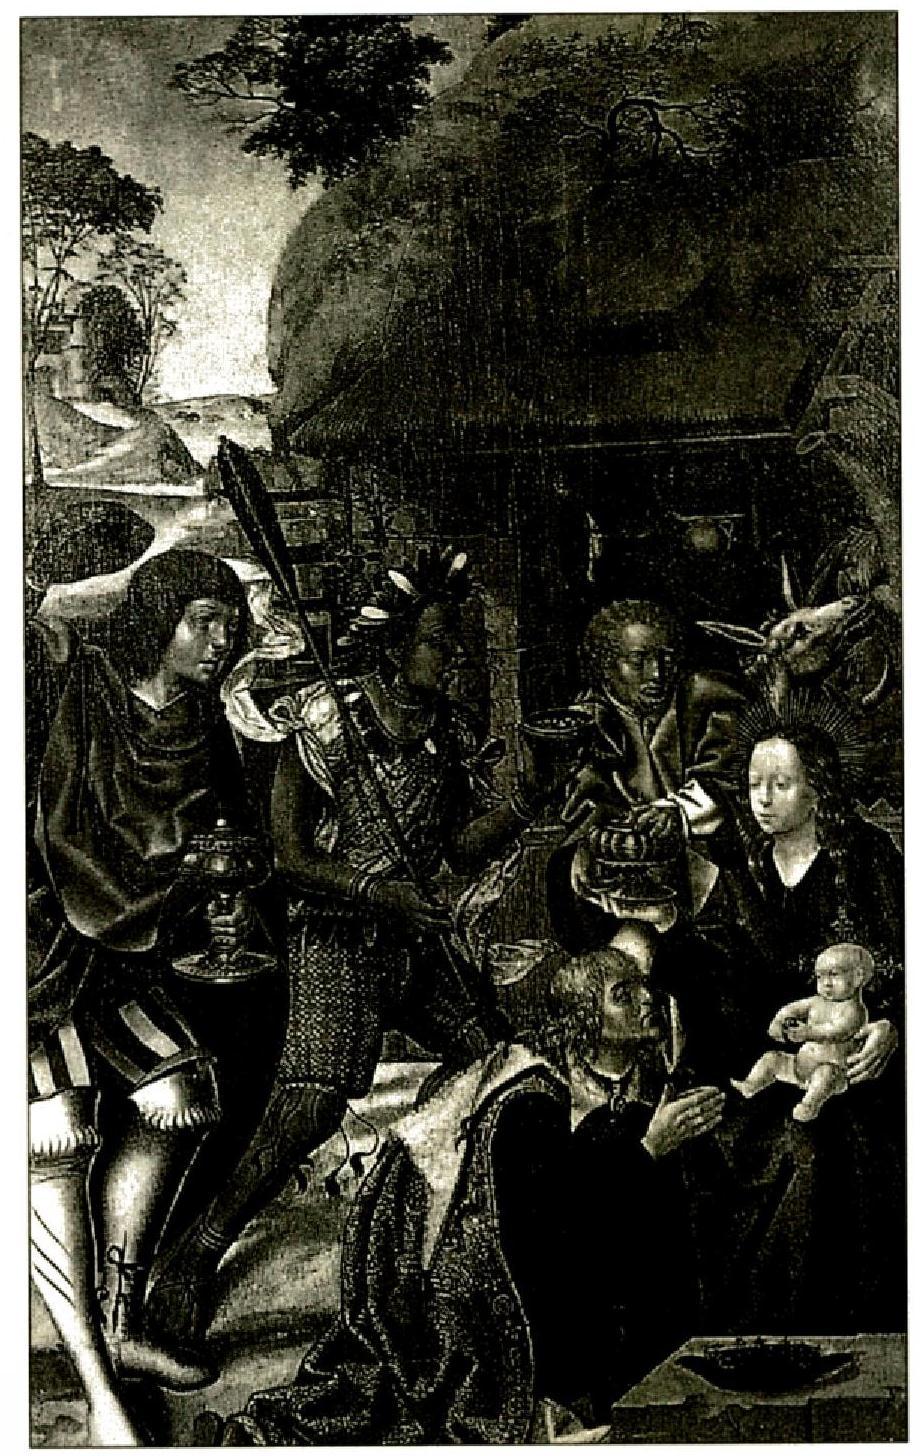 España y América en una perspectiva humanista - América frente a los sueños  orientales (1492-principios del siglo xvii) - Casa de Velázquez